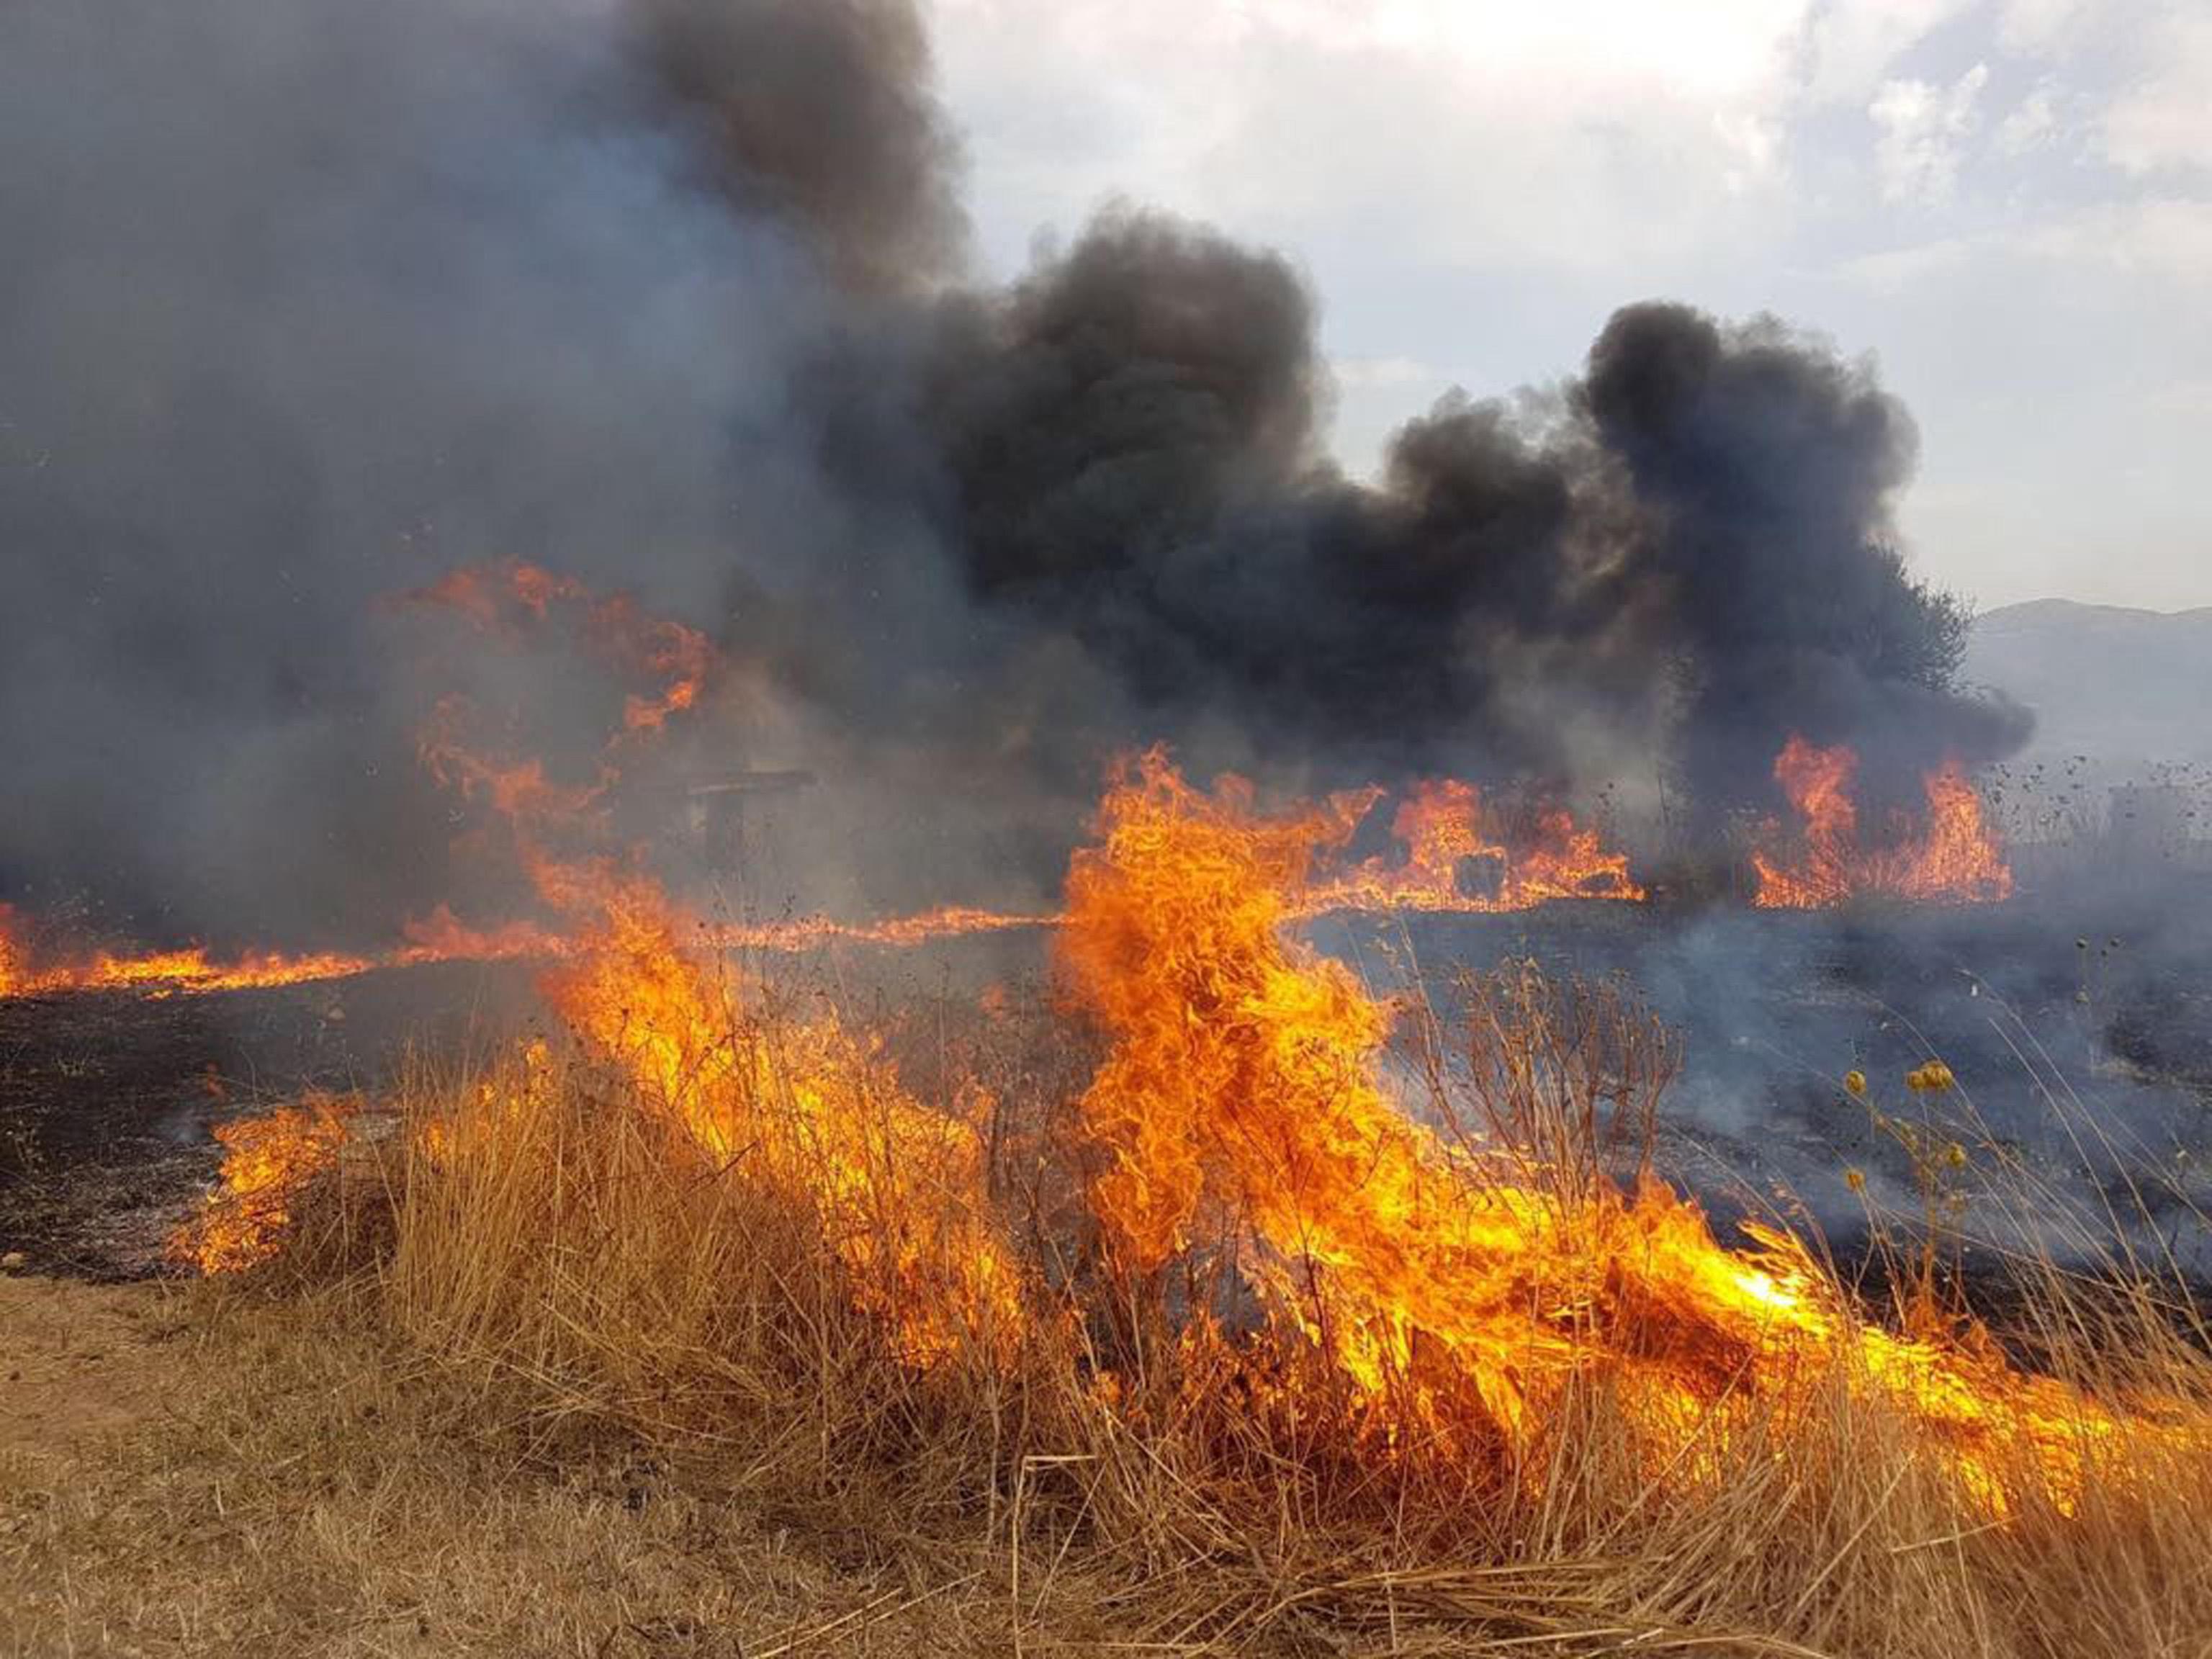 Pompieri volontari a Ragusa appiccavano incendi per essere pagati: 15 fermi